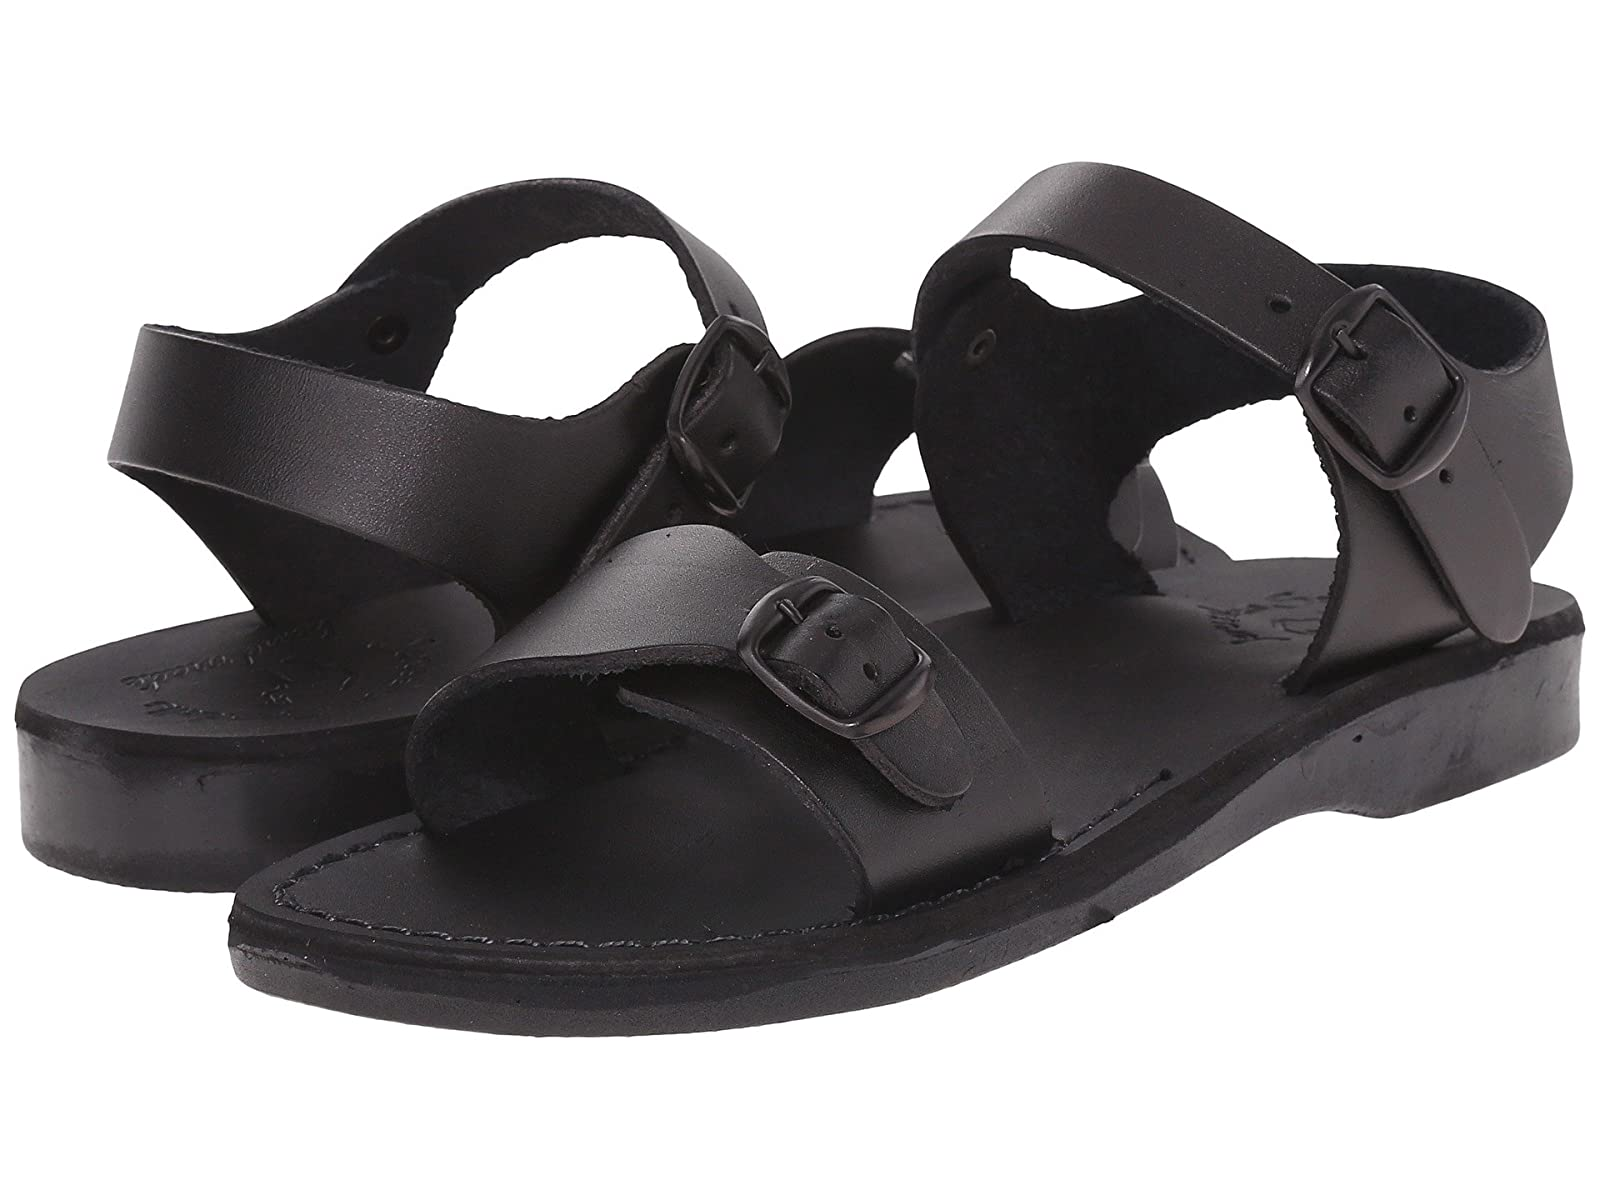 Jerusalem Sandals The Original - WomensAtmospheric grades have affordable shoes